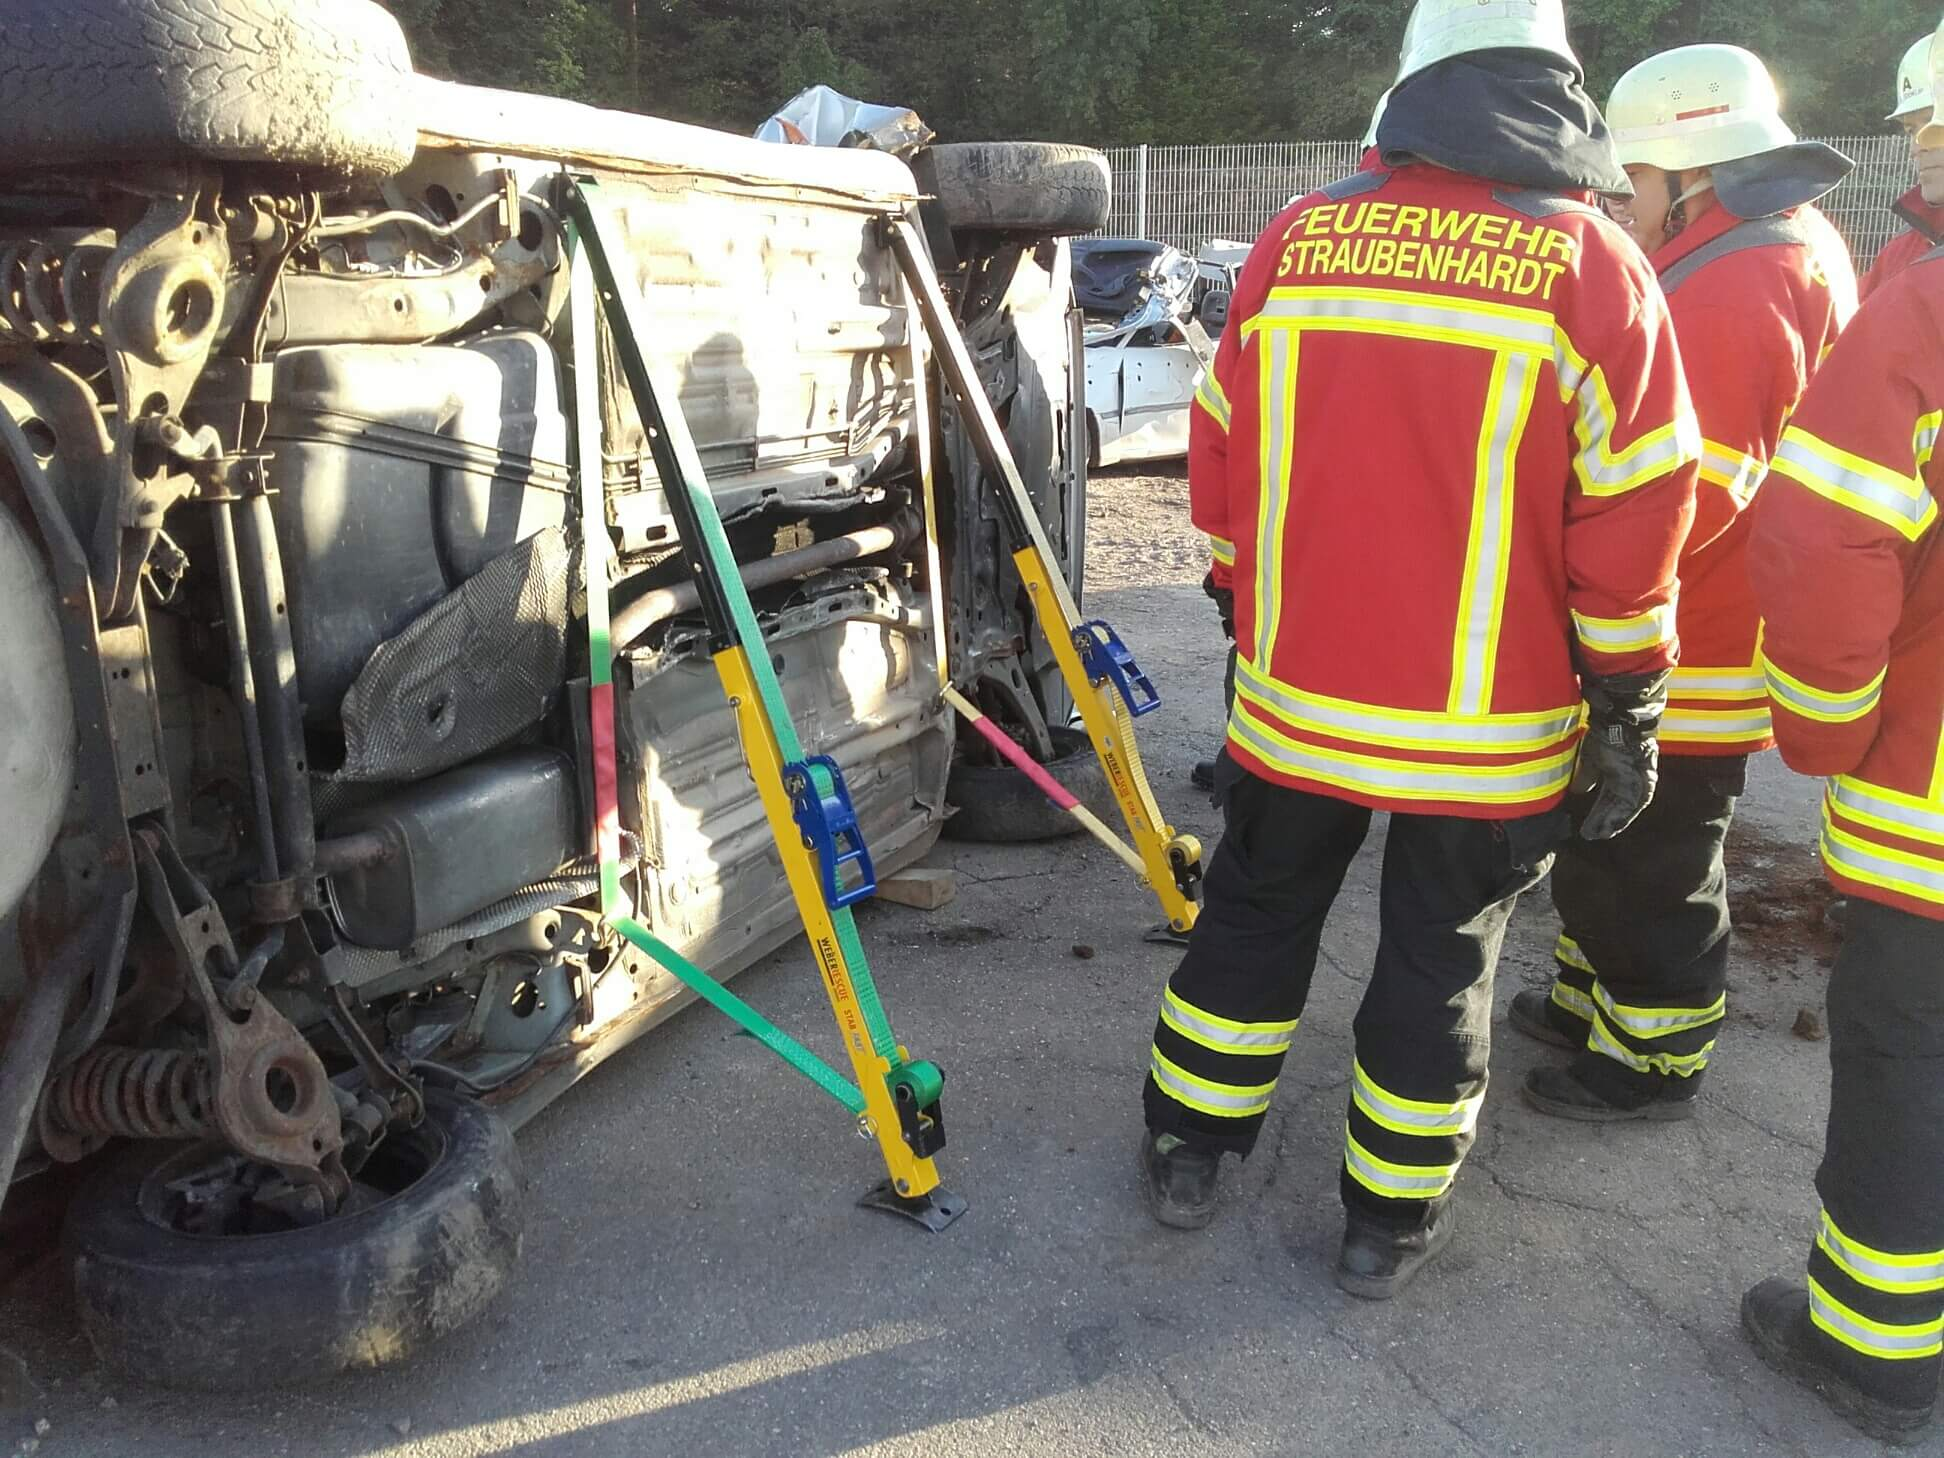 Feuerwehr Straubenhardt